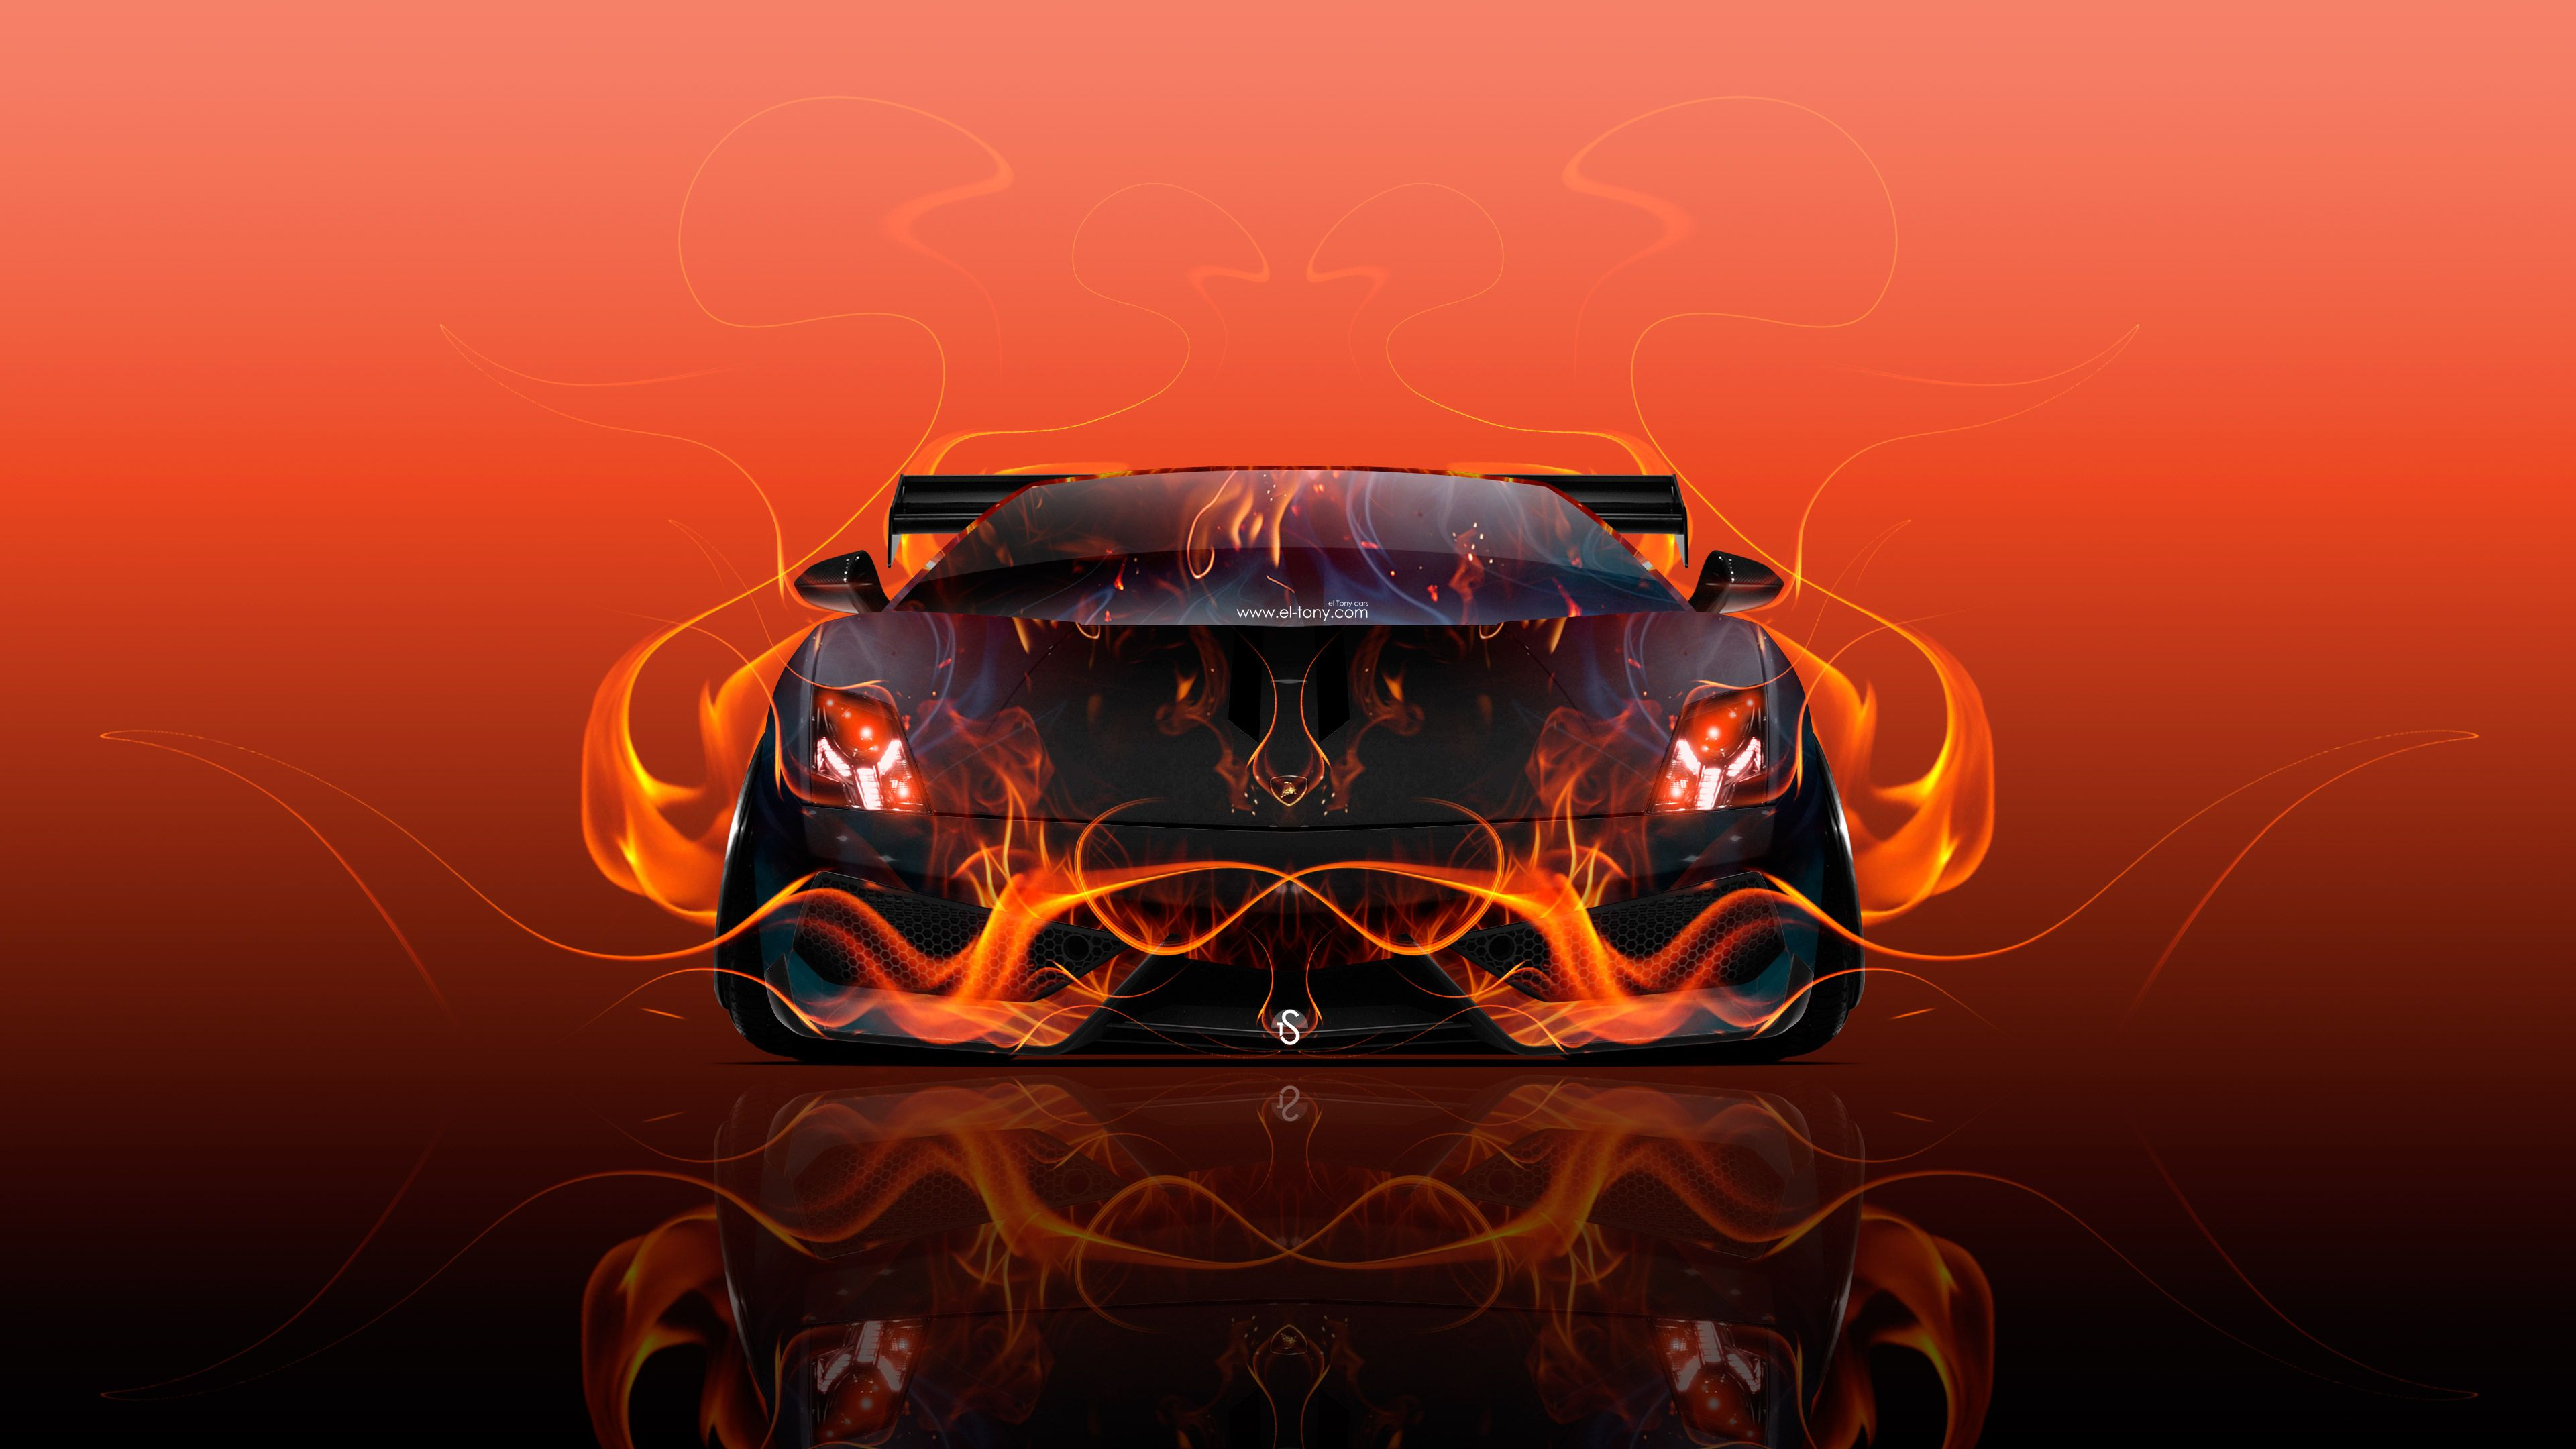 Lamborghini On Fire Wallpapers - Top Free Lamborghini On ...